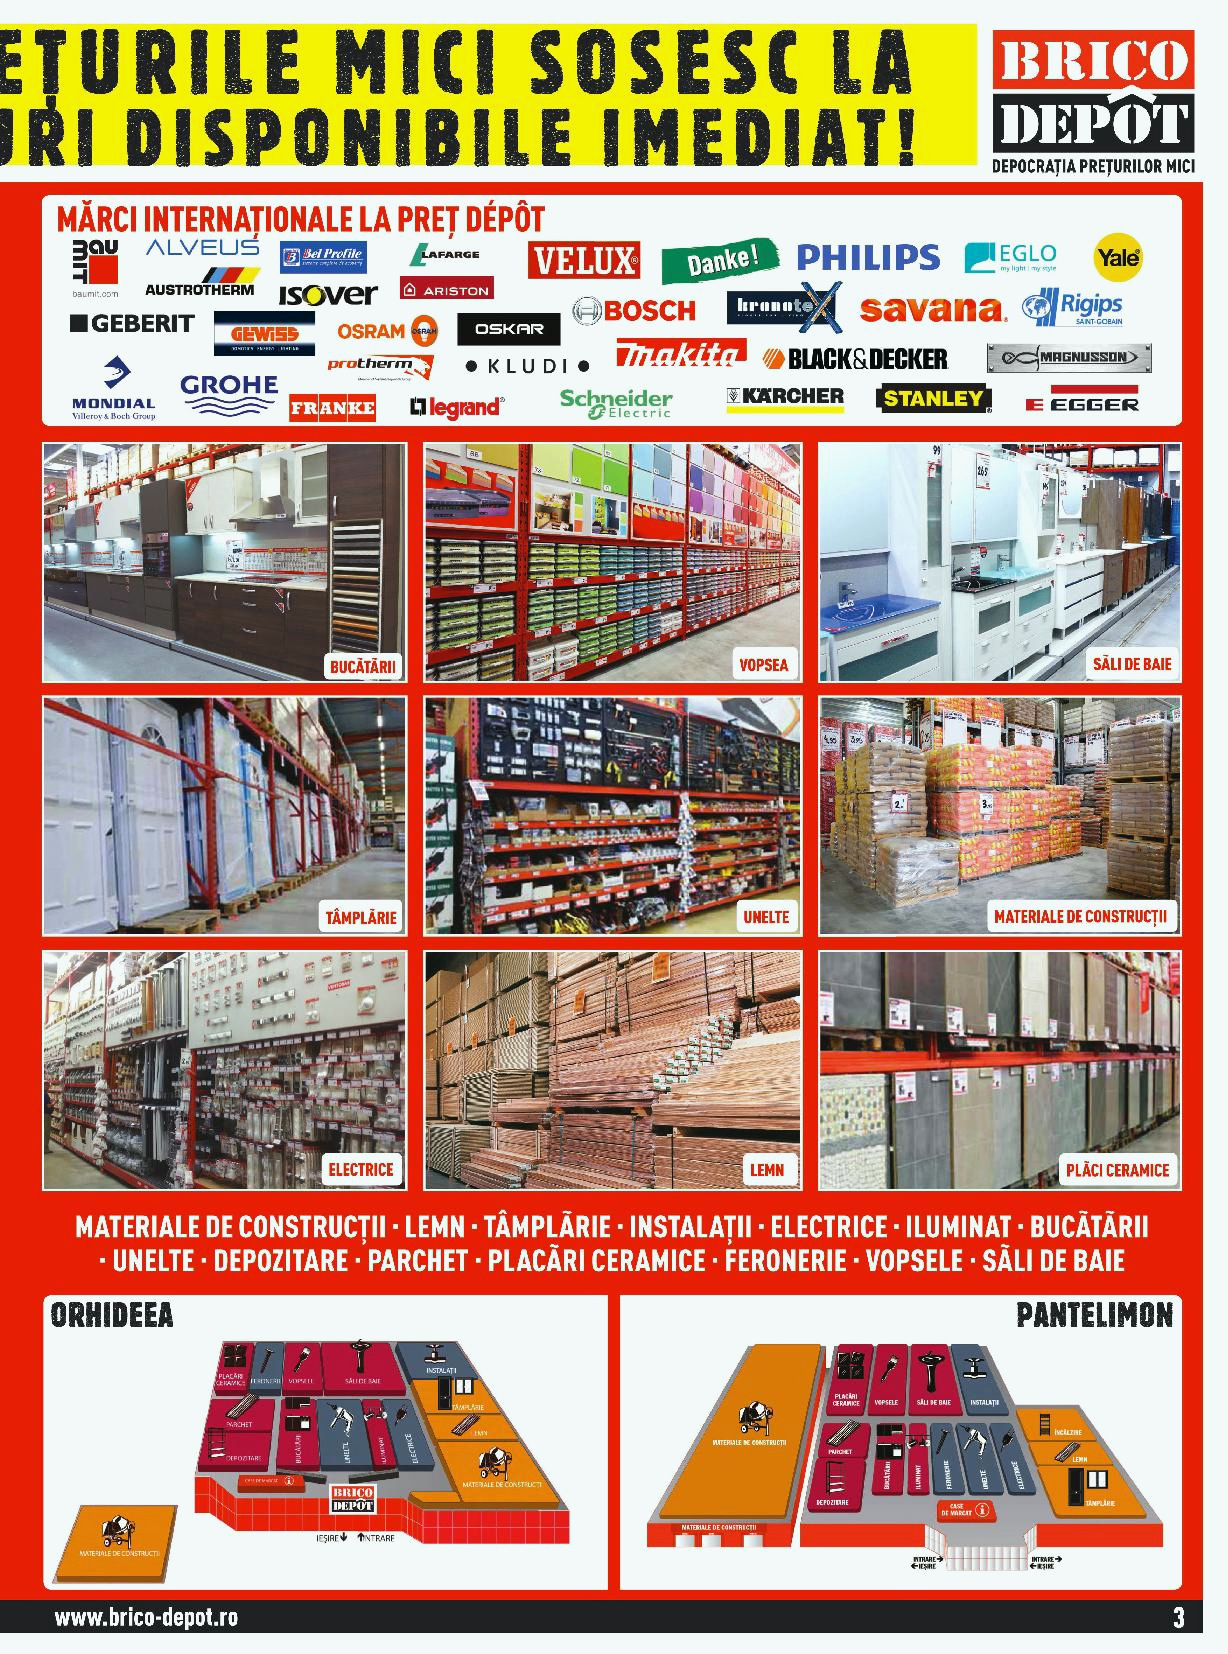 Salon De Jardin Brico Depot 2018 Luxe Images Plan De Travail Bois Massif Brico Depot Inspirant Plan De Travail